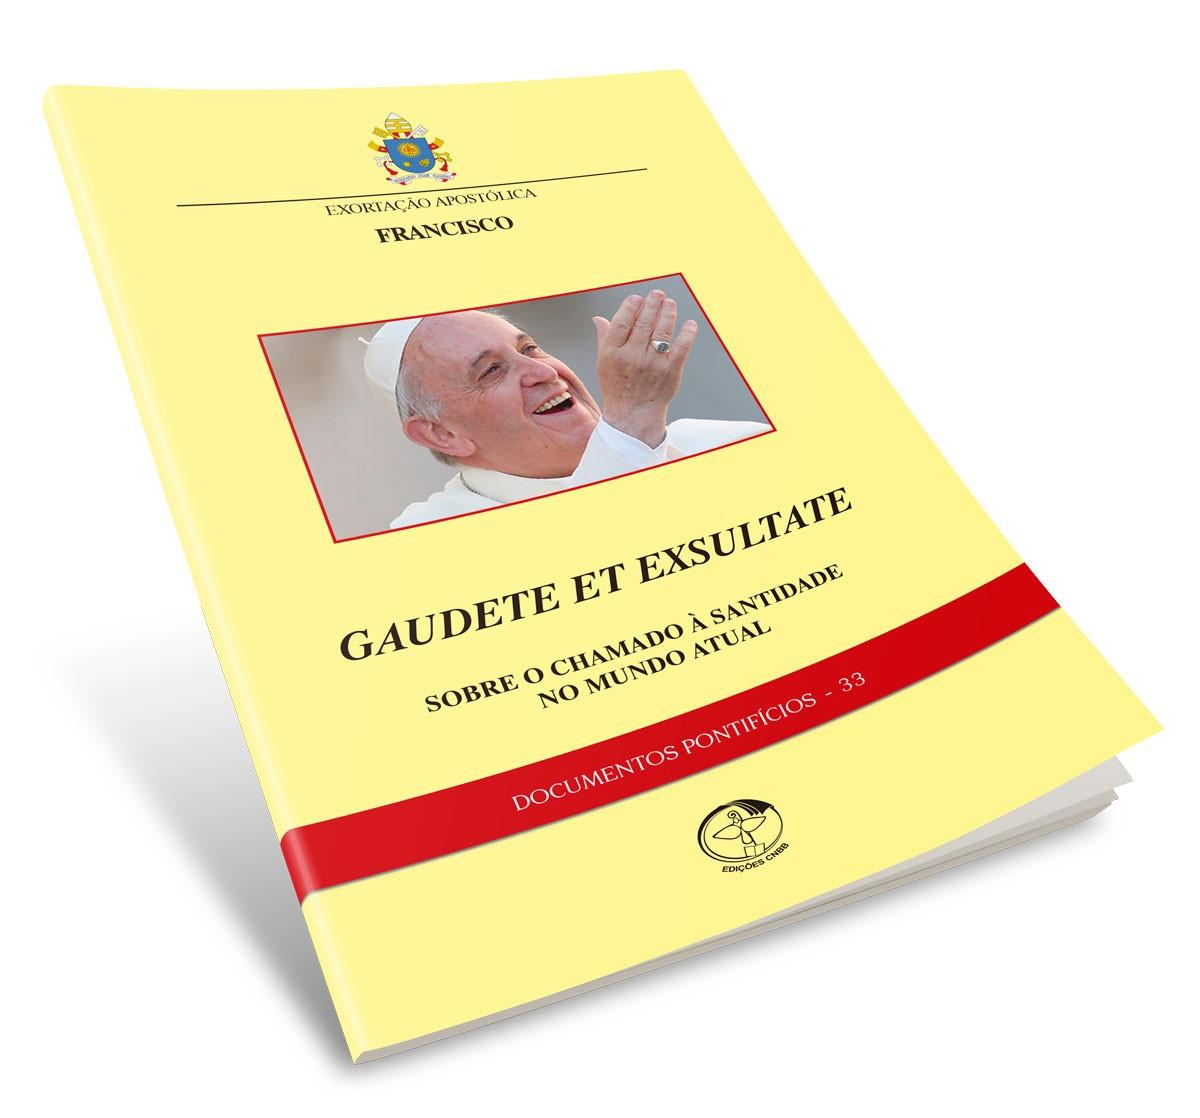 GAUDETE ET EXSULTATE Doc. Pont. 33 - Sobre o Chamado à Santidade no Mundo Atual  - Pastoral Familiar CNBB